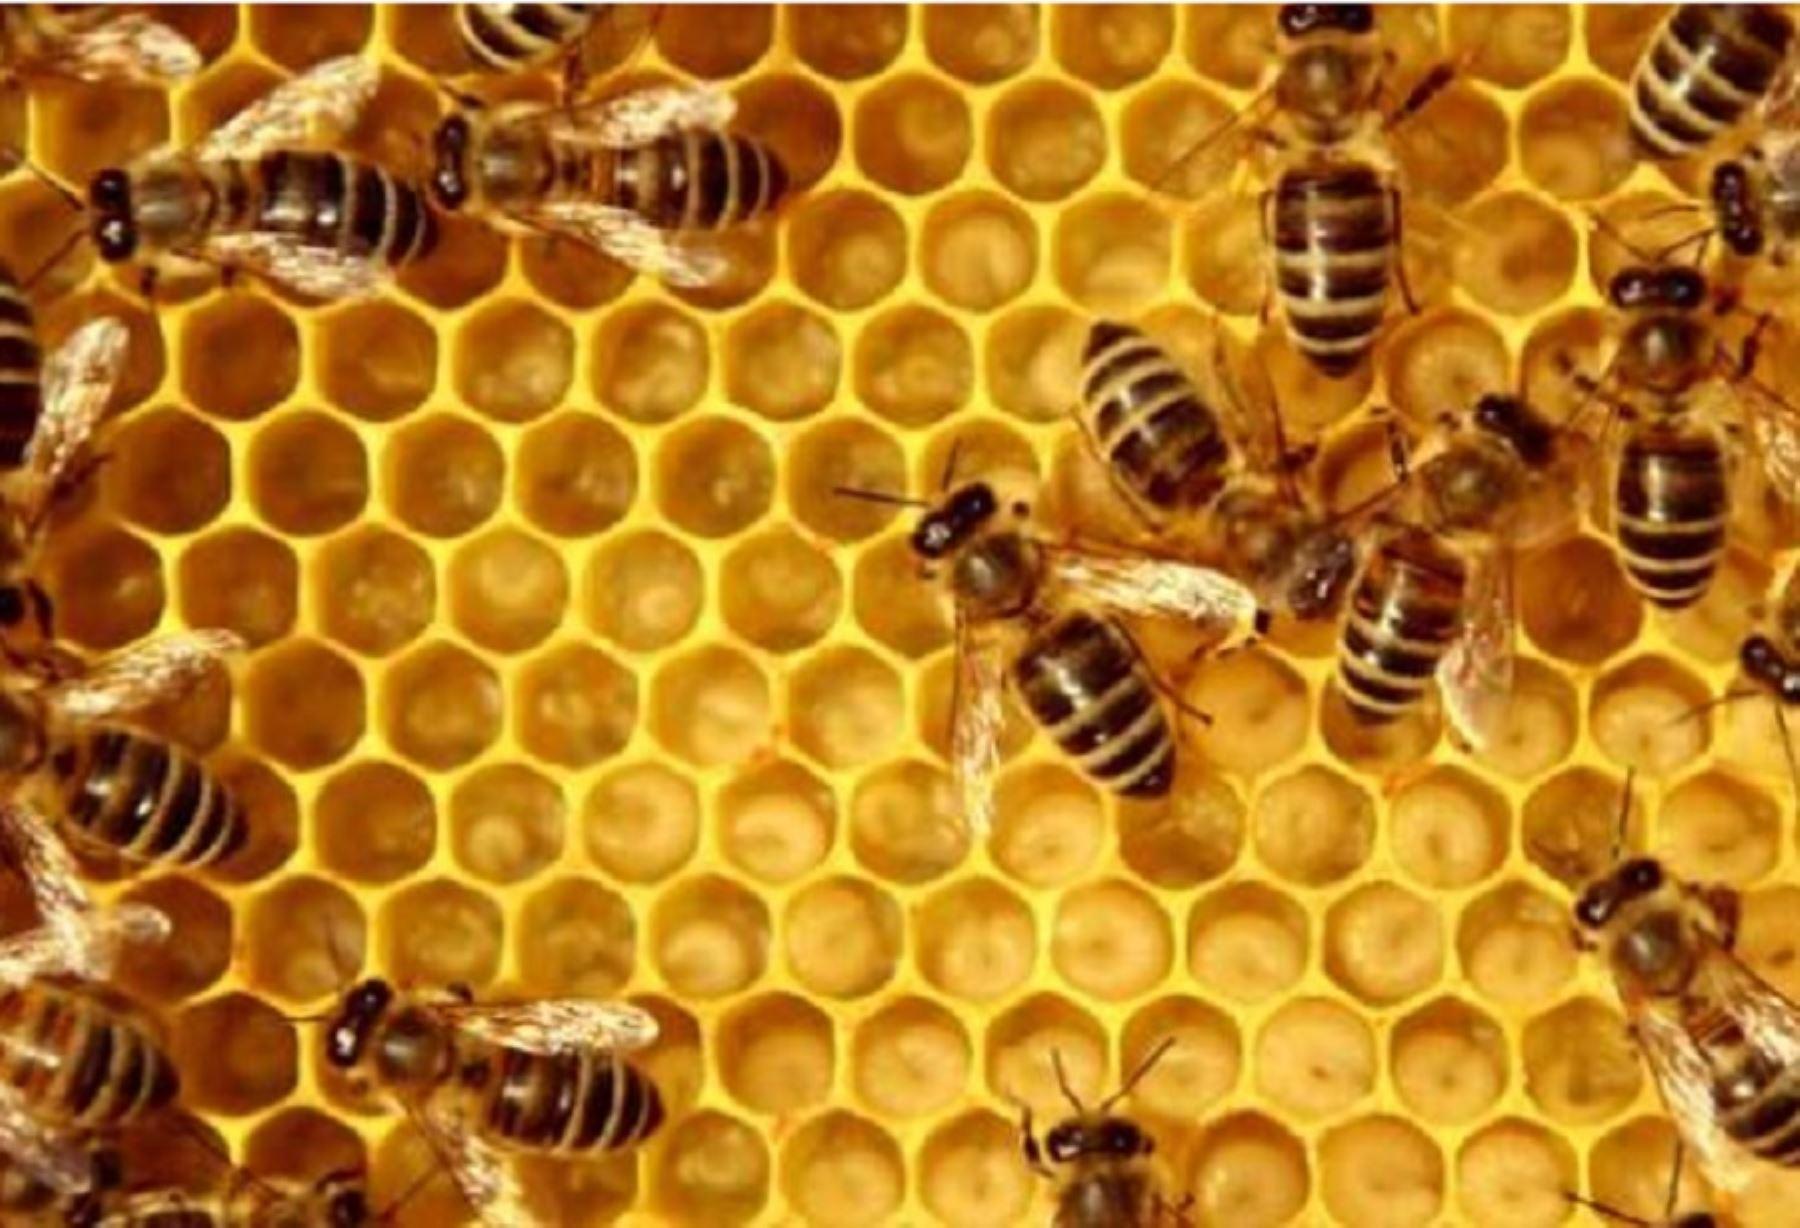 A escala nacional existen más de 40,000 pequeños productores apícolas, quienes logran una producción de miel de abeja que alcanza 2,314 toneladas anuales, con un promedio de 10.8 kilos por colmena, informó el Ministerio de Agricultura y Riego. ANDINA/Difusión